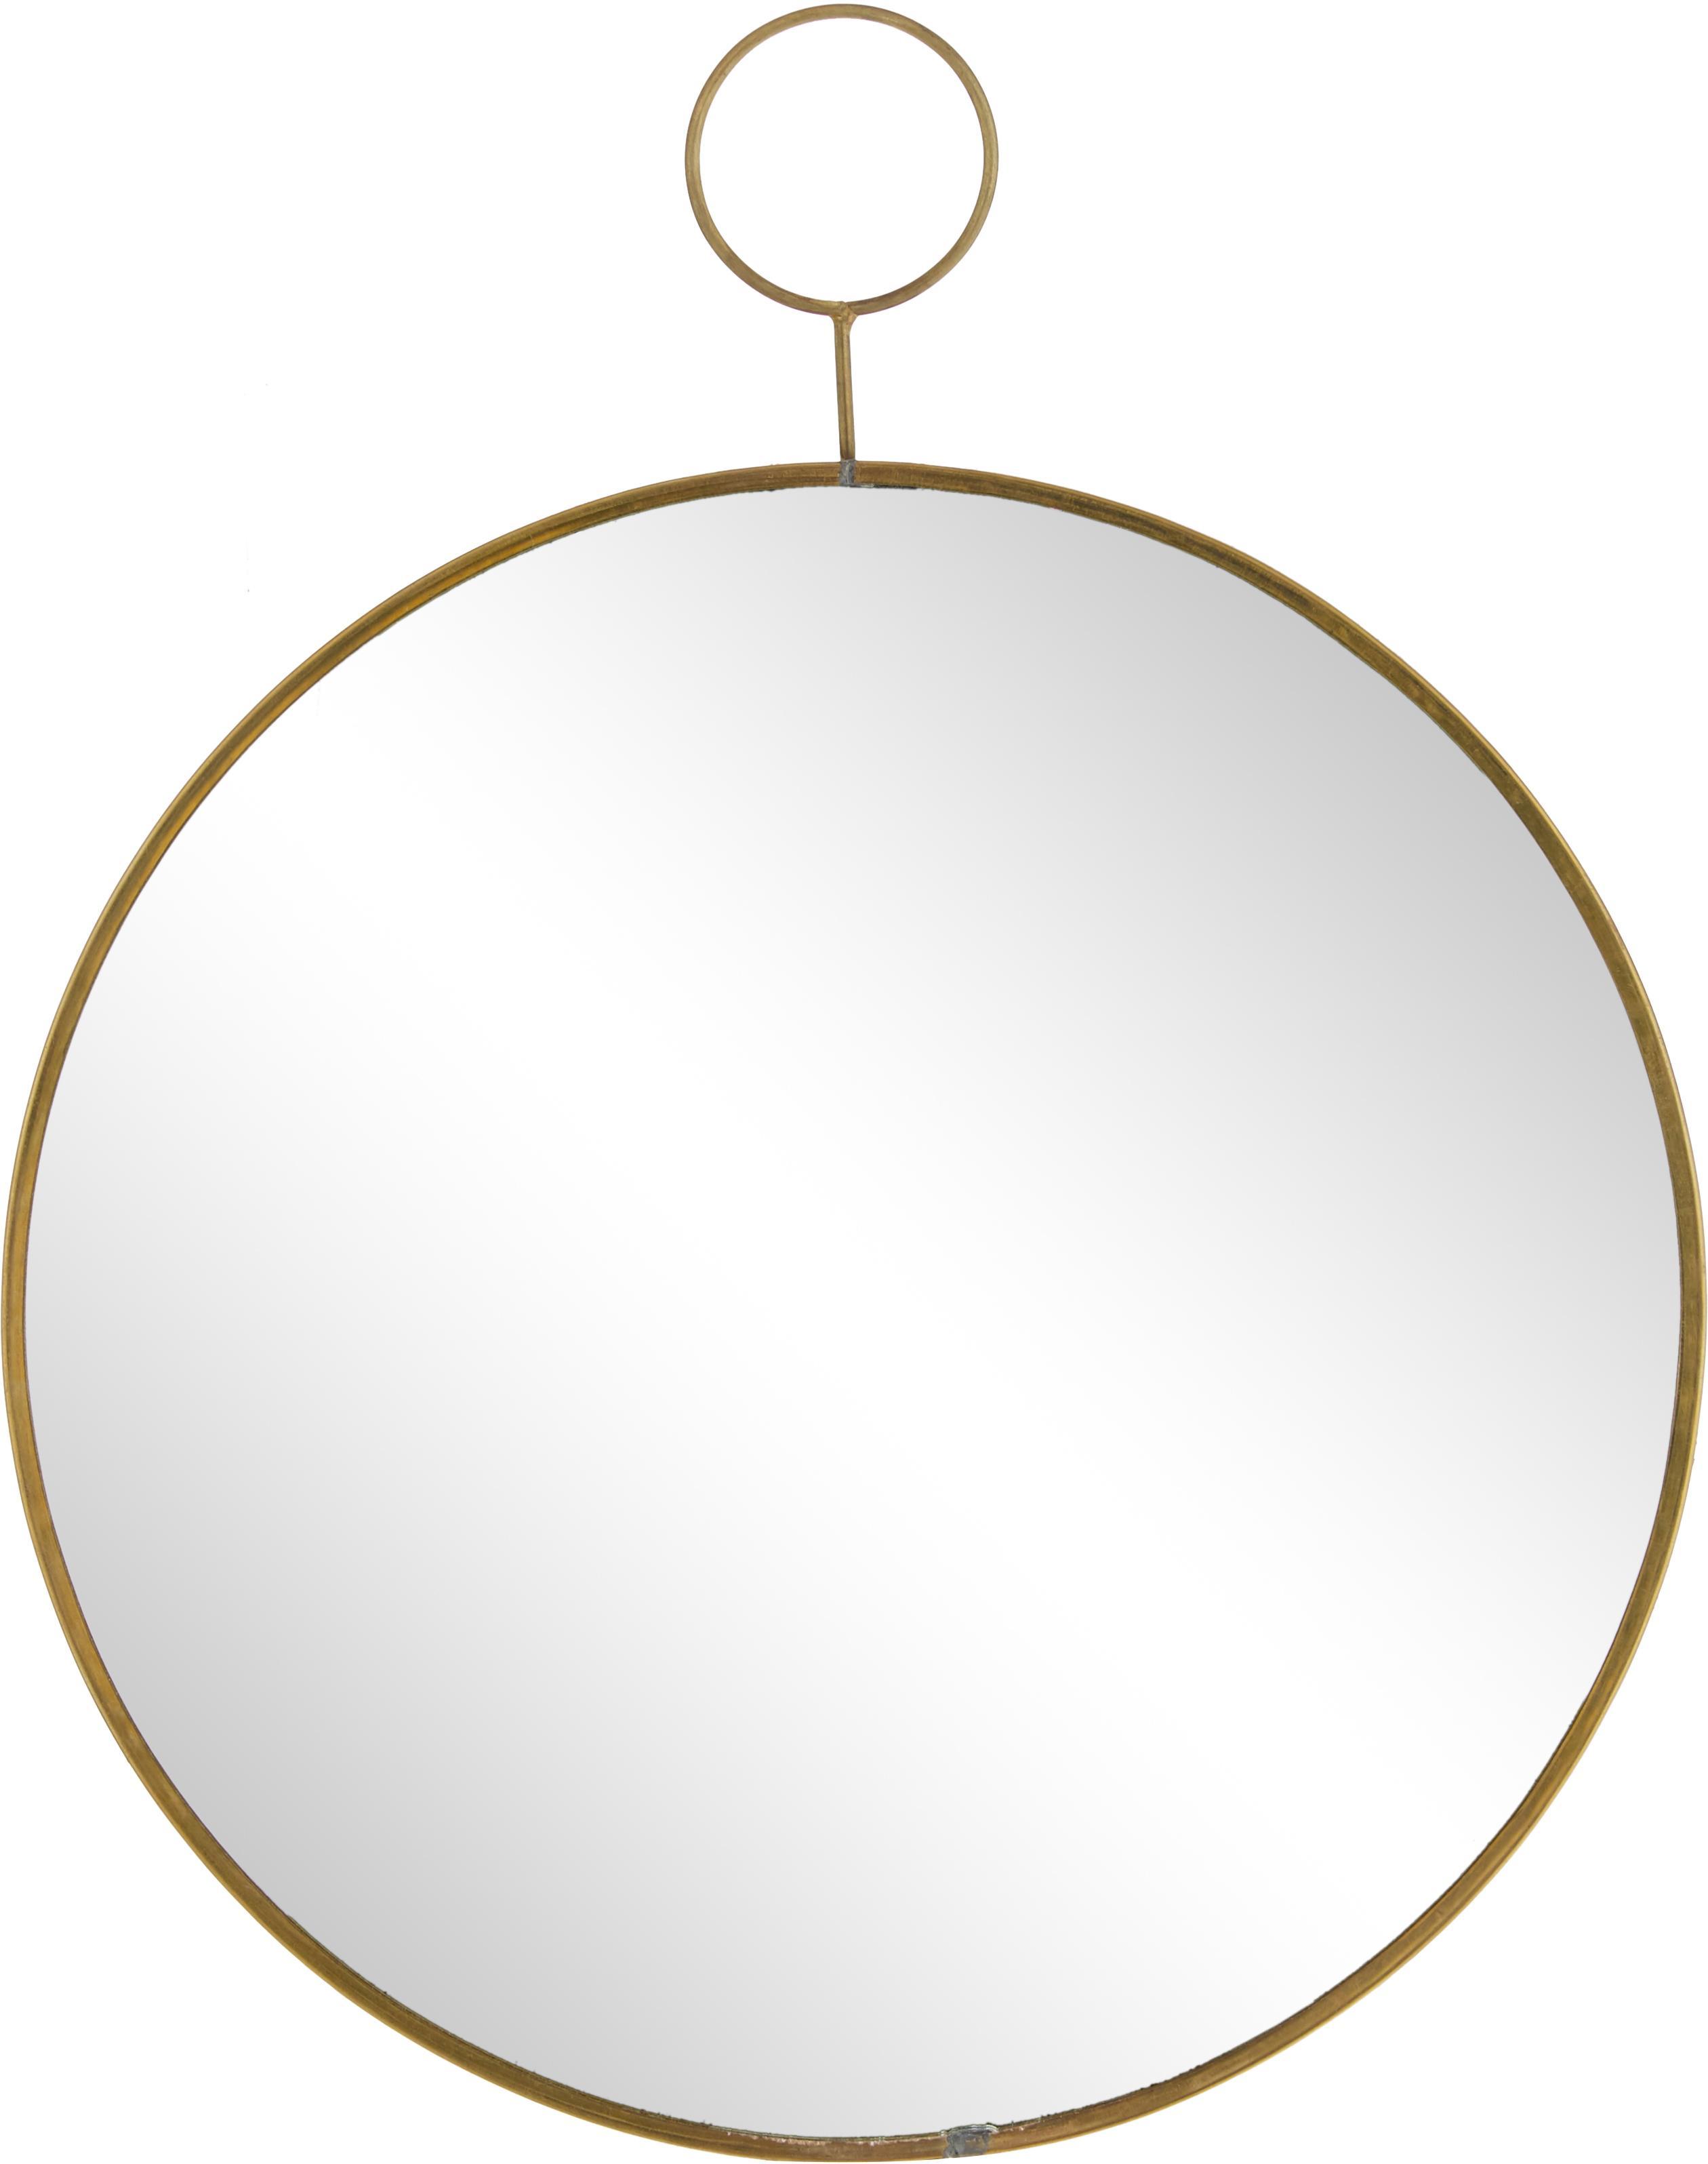 Okrągłe lustro ścienne Loop, Krawędź: odcienie mosiądzu Lustro: szkło lustrzane, Ø 32 cm